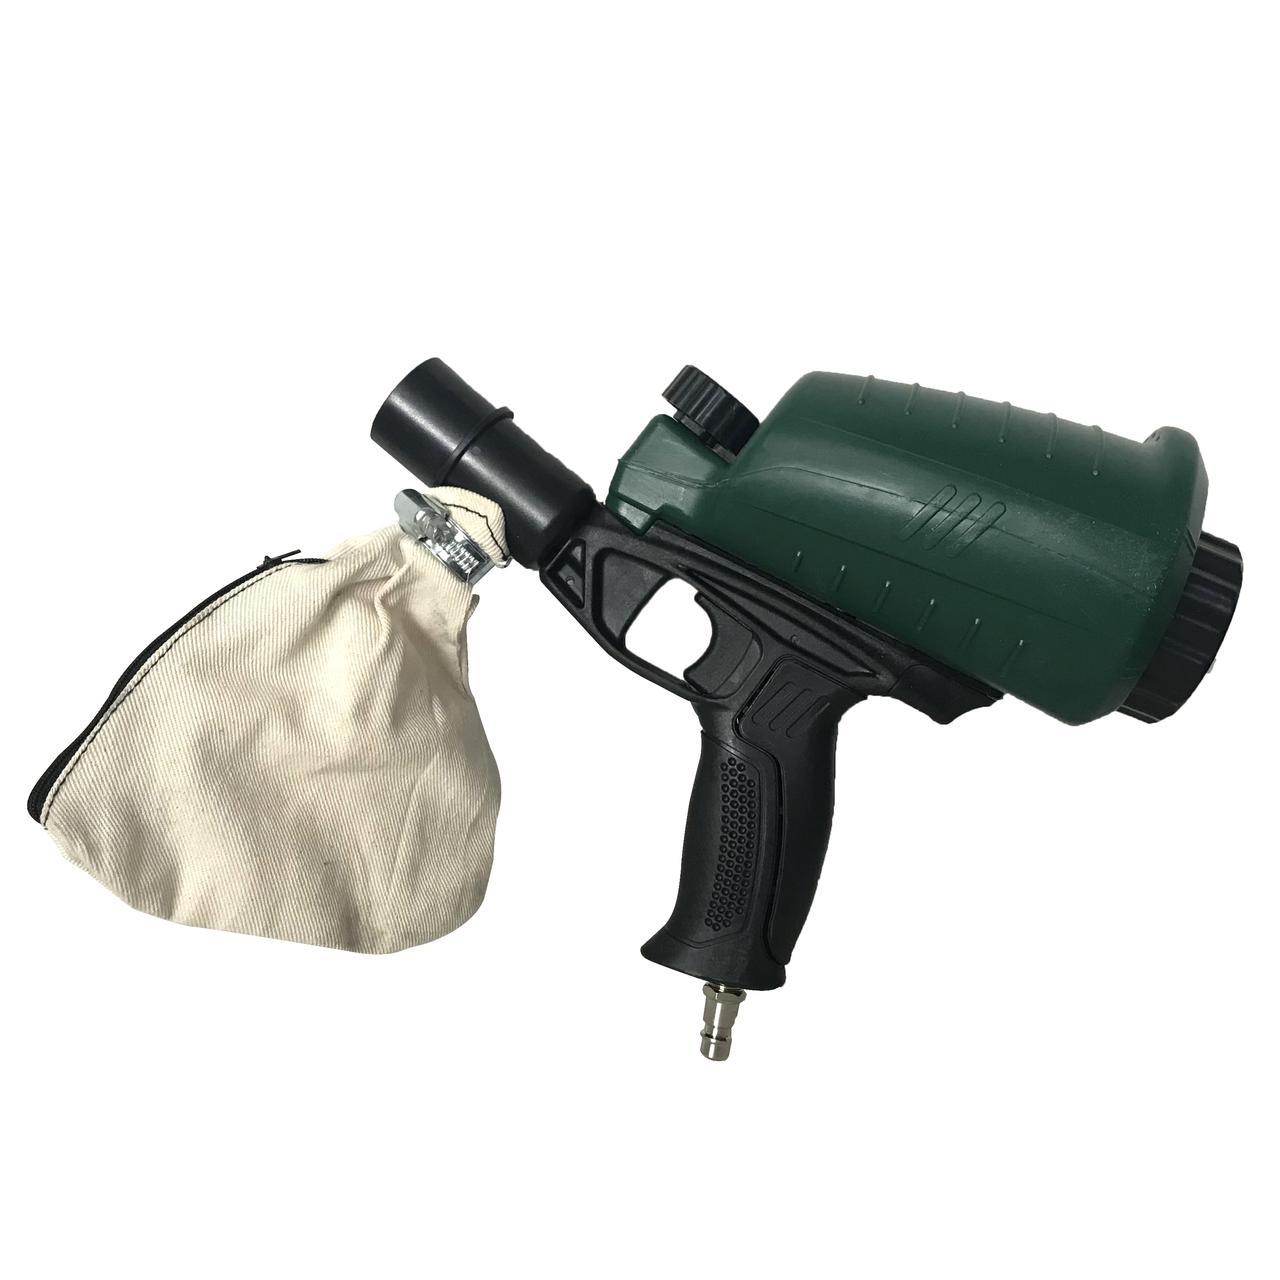 Пескоструйный пистолет с системой рекуперации Parkside, Обьем бака: 0,9 л, 320 литр / в минуту